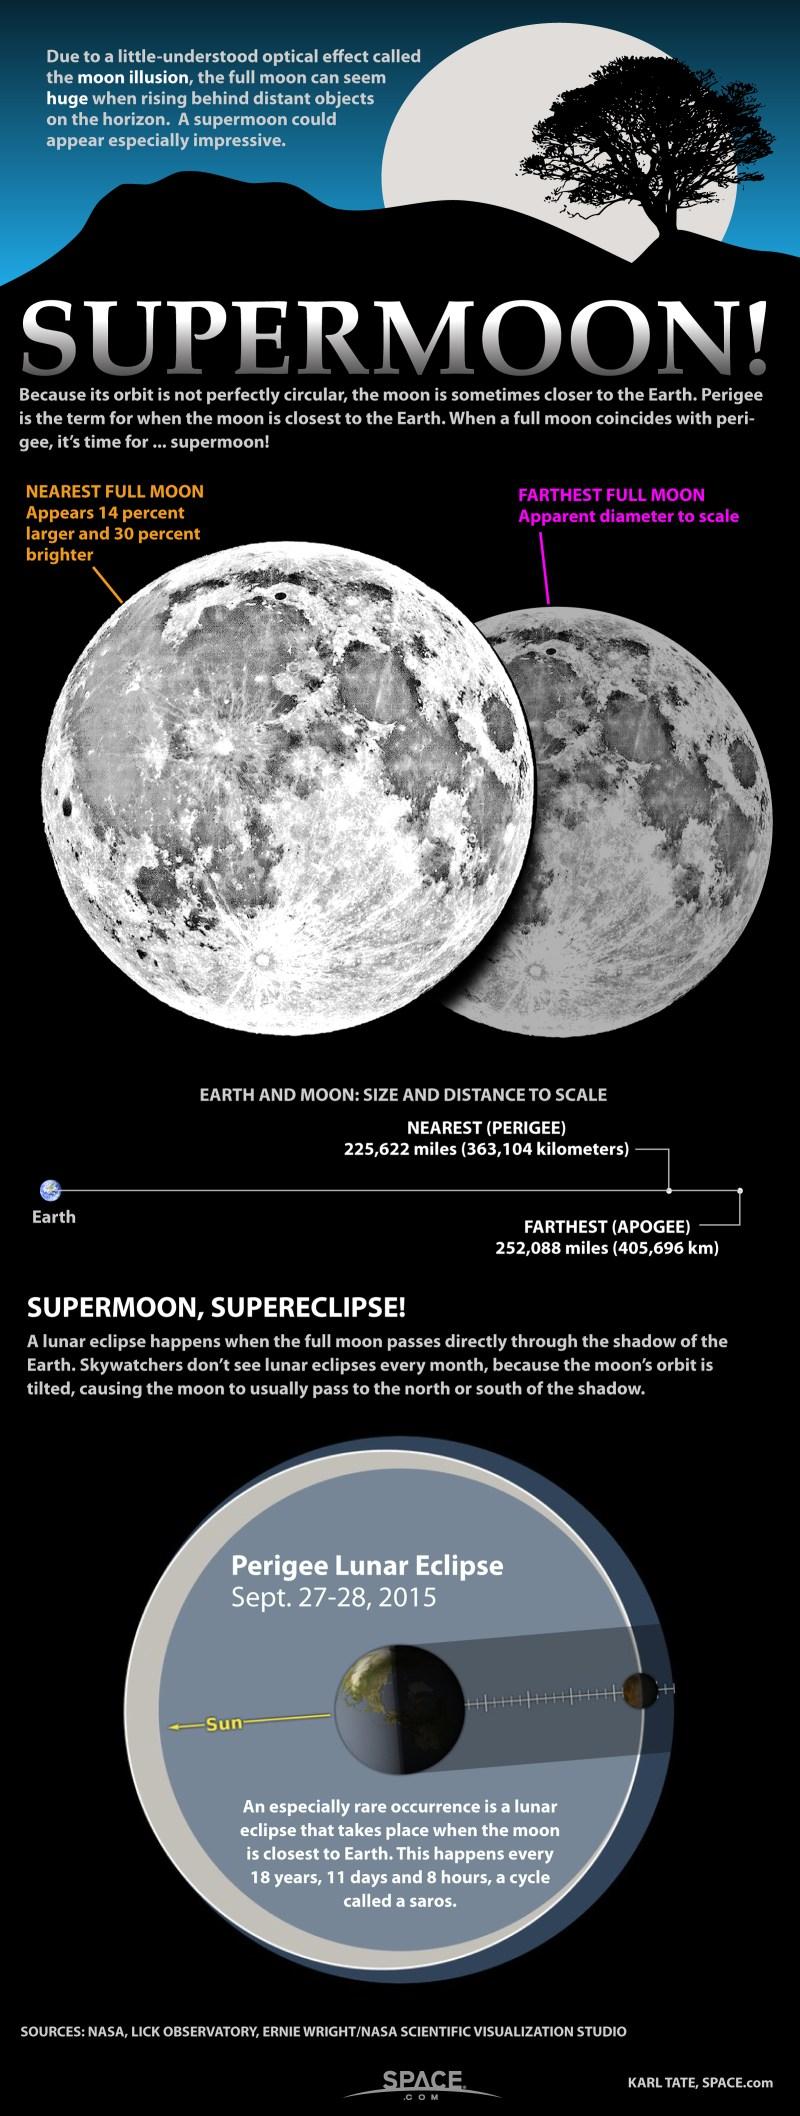 https://i2.wp.com/www.space.com/images/i/000/008/683/original/supermoon-lunar-perigee-huge-150914b-02.jpg?w=800